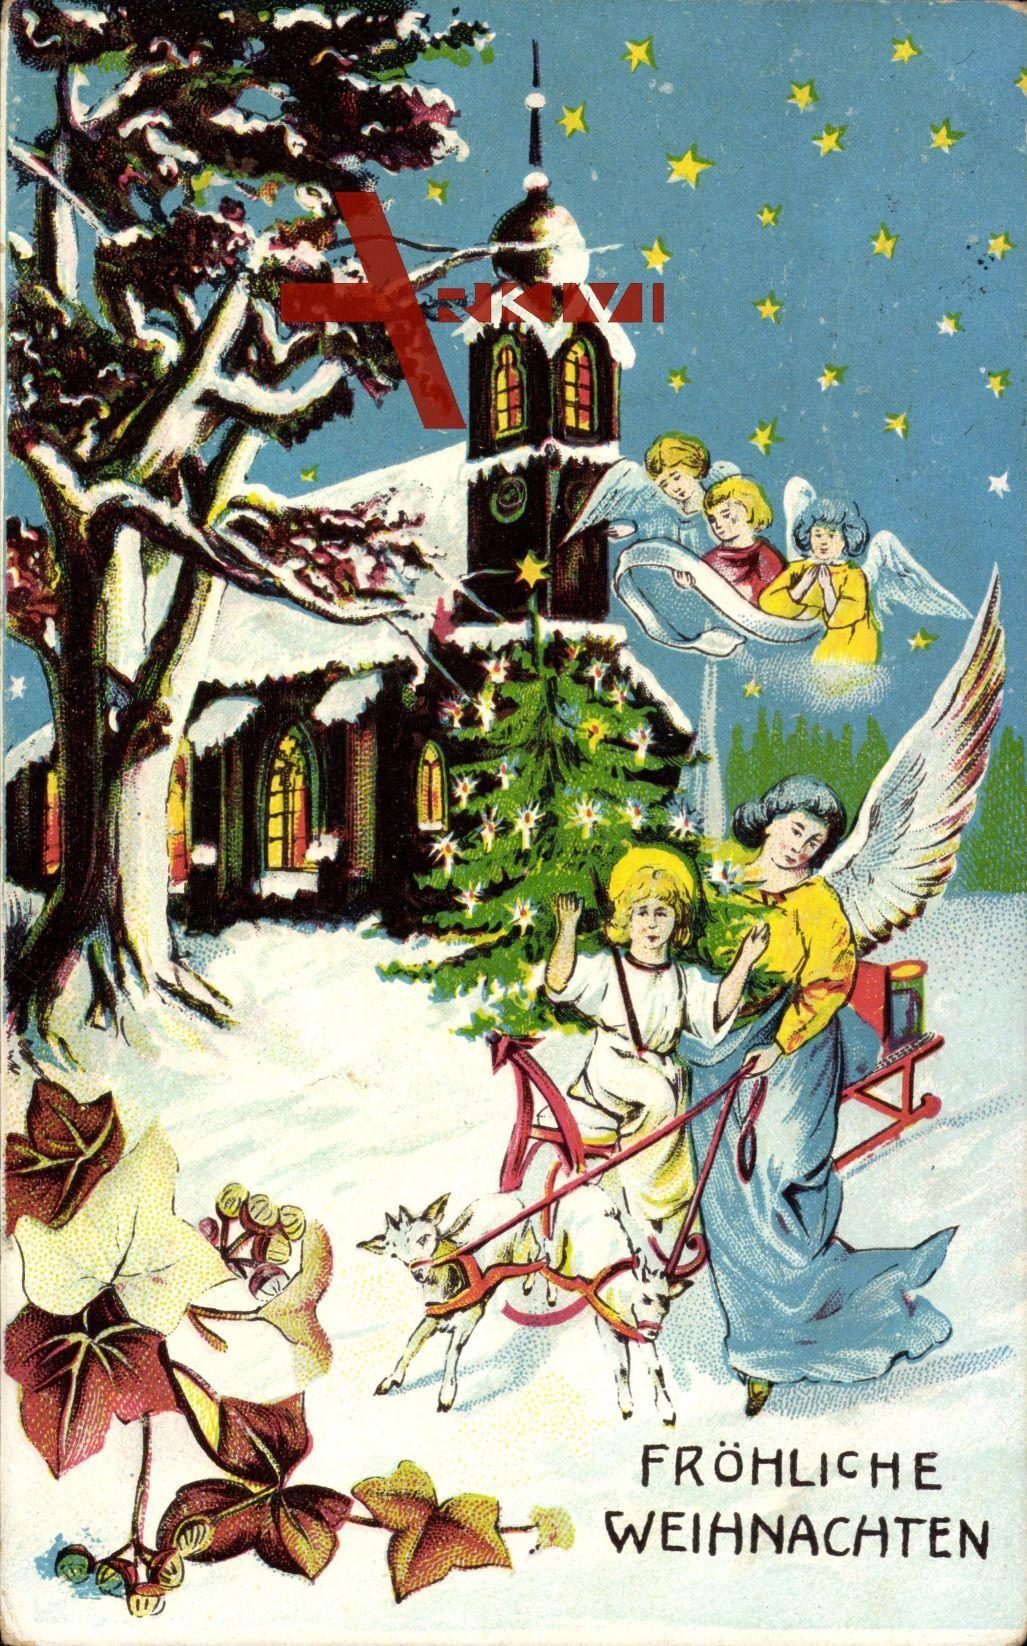 Frohe Weihnachten Jesus.Frohe Weihnachten Engel Kirche Jesus Ziegen Sterne